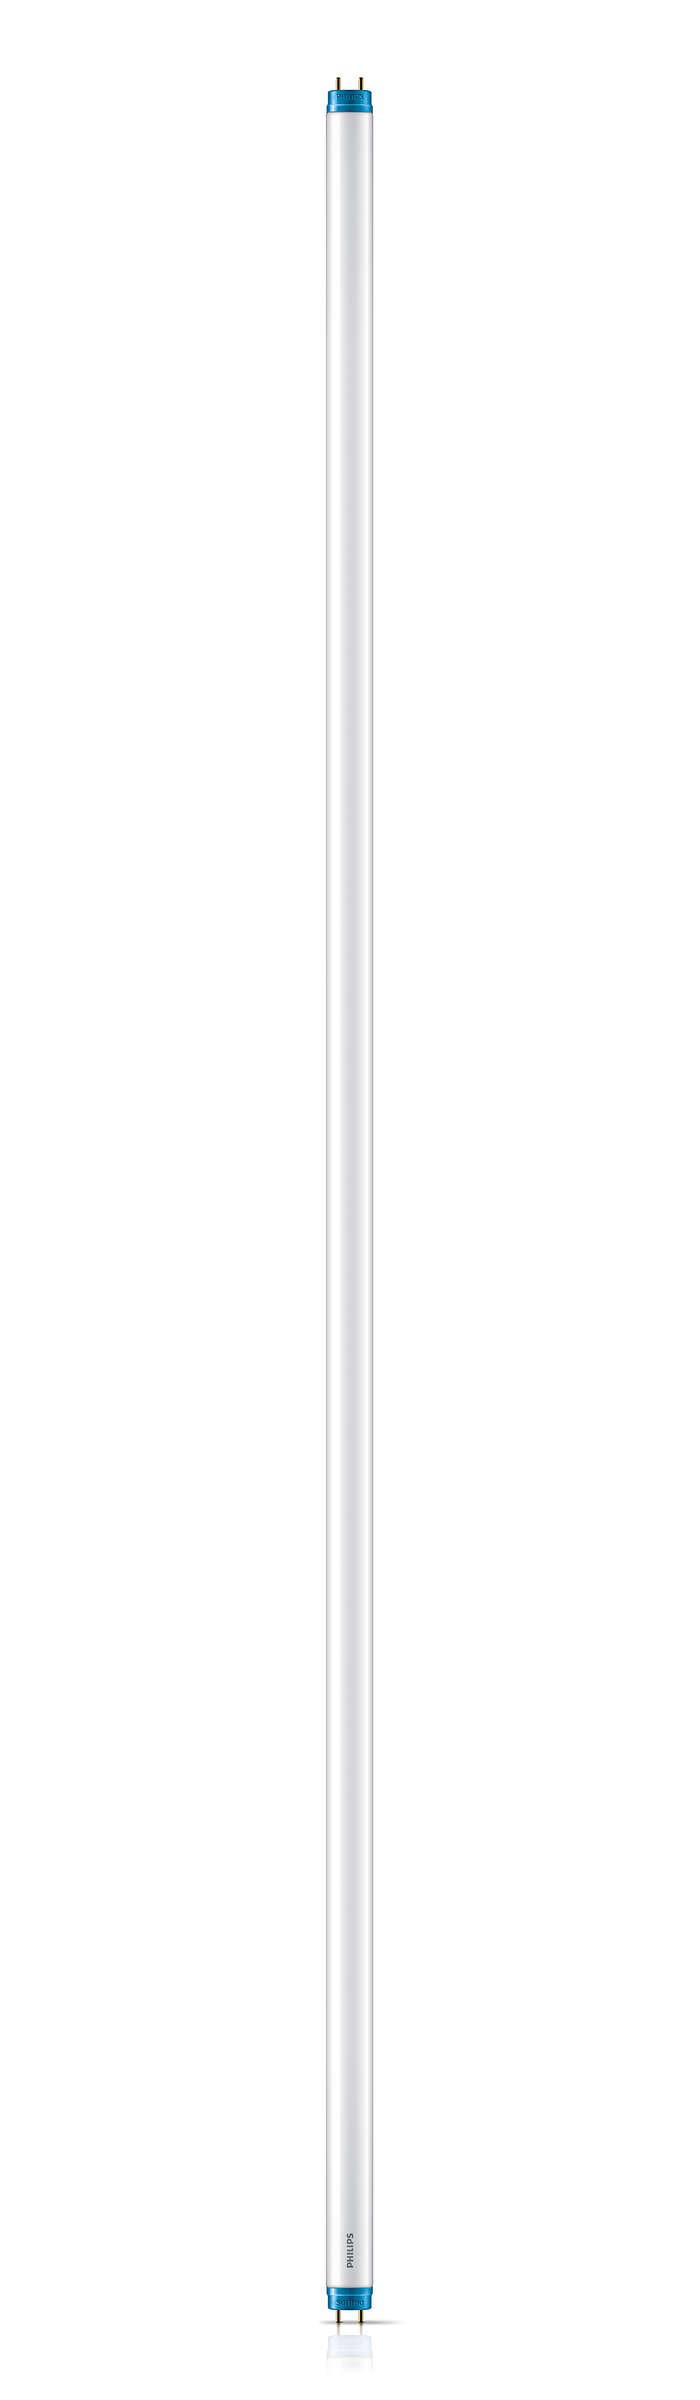 Atualize facilmente para o LED a partir de fluorescente linear